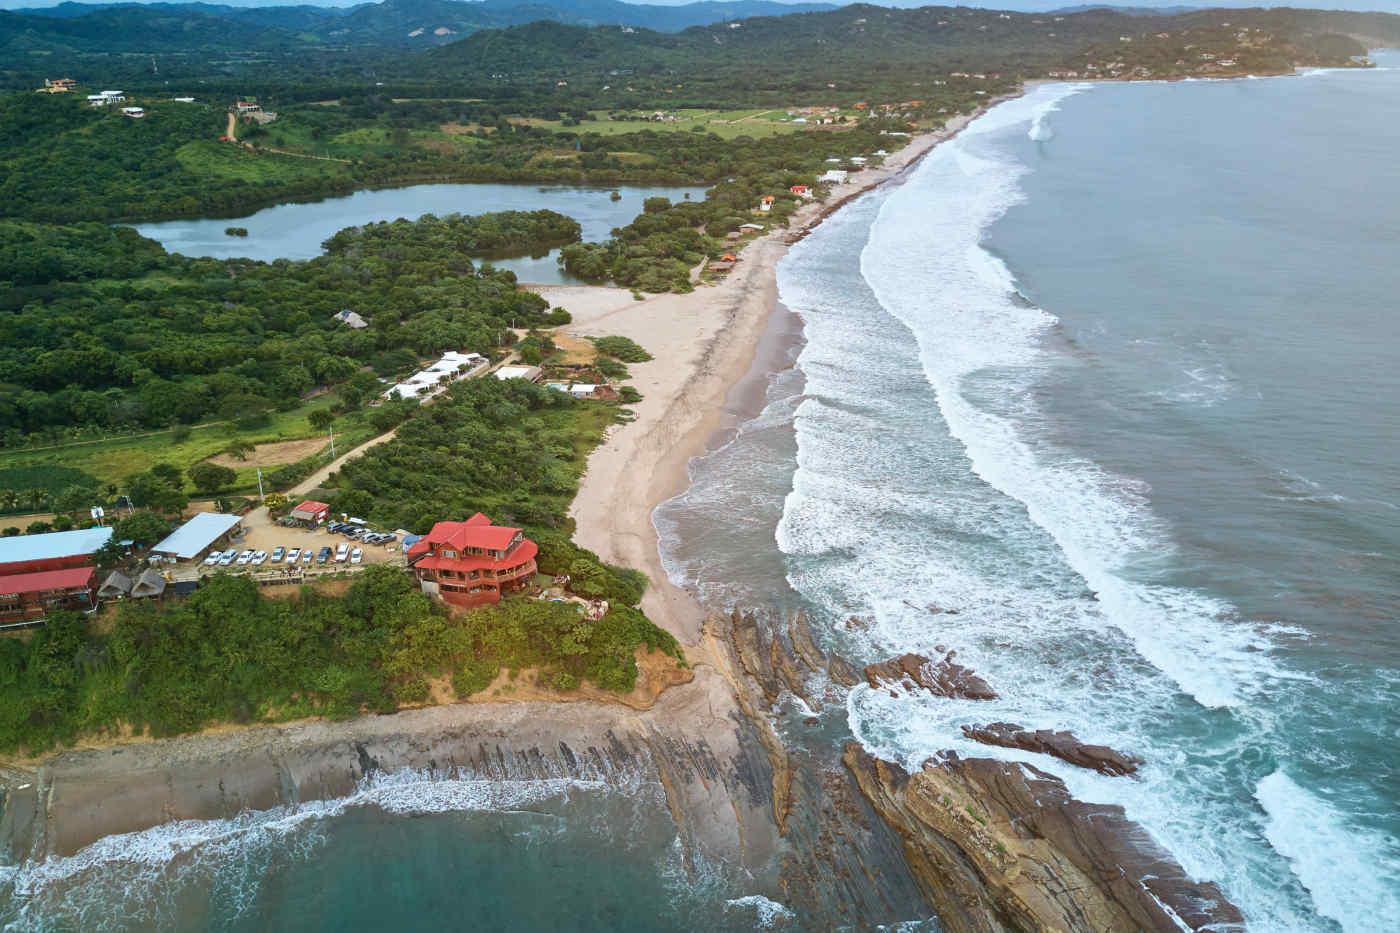 Jiquelite Beach